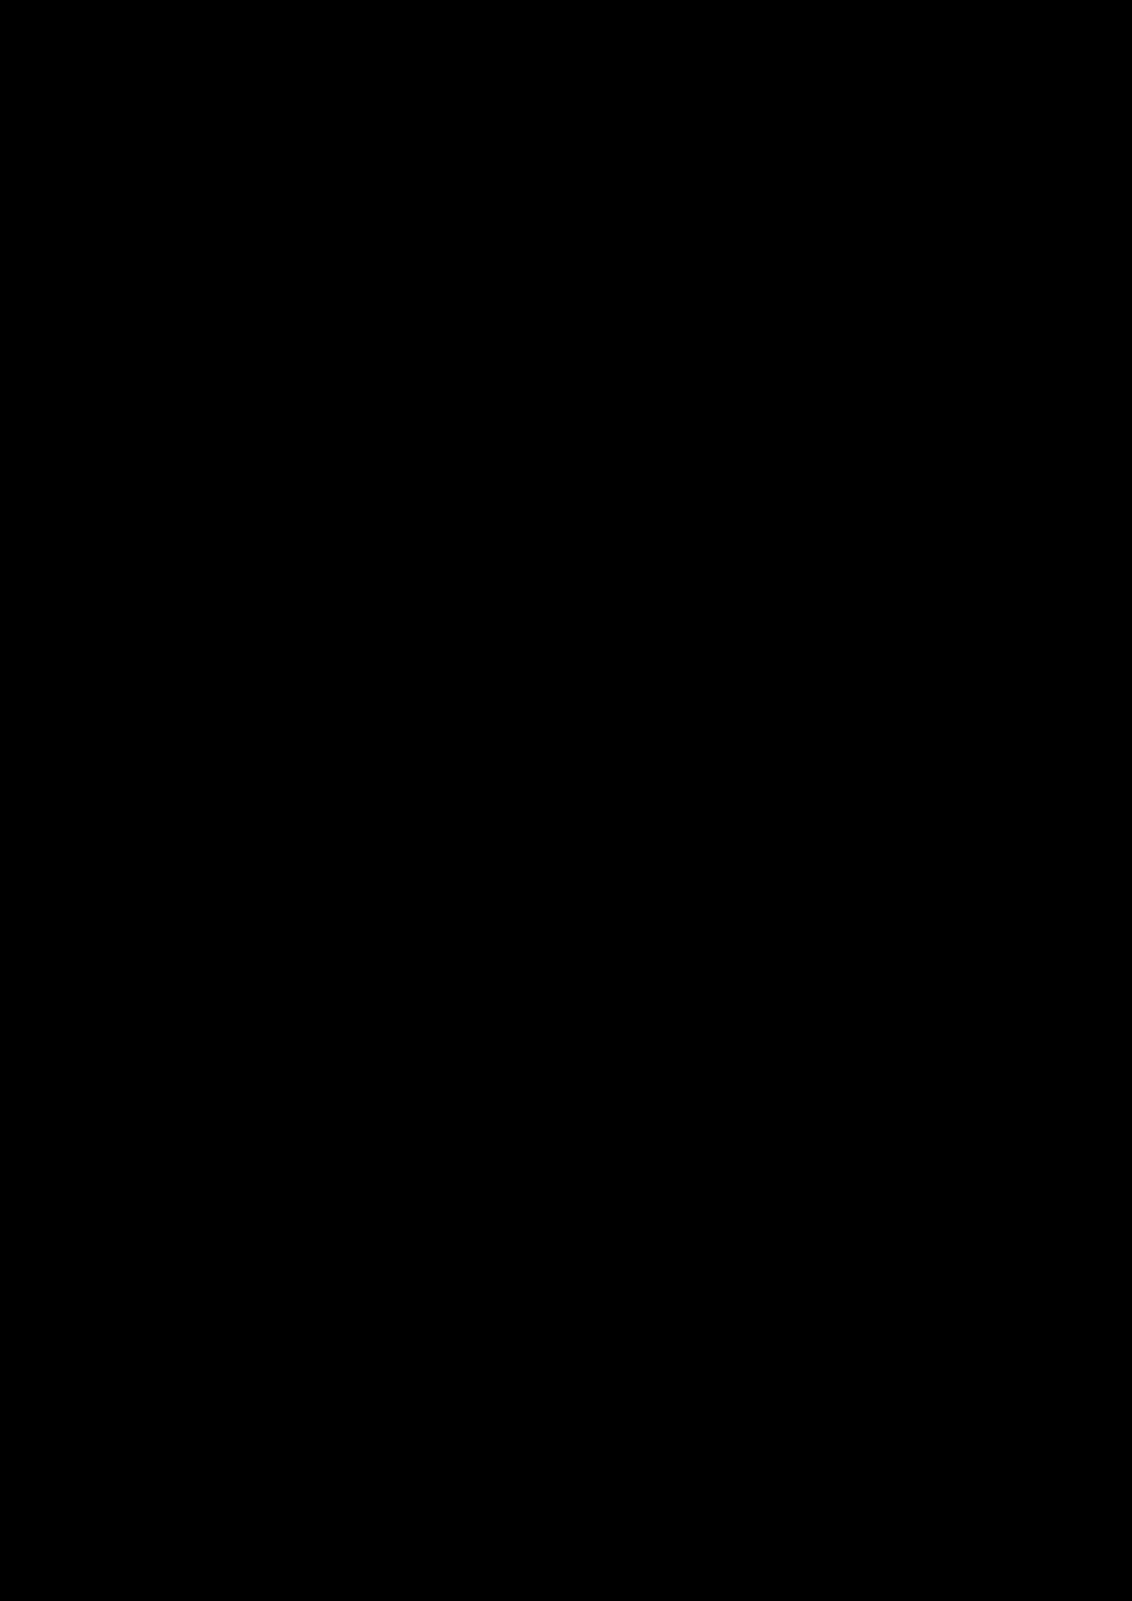 Zagadka volshebnoy stranyi slide, Image 145